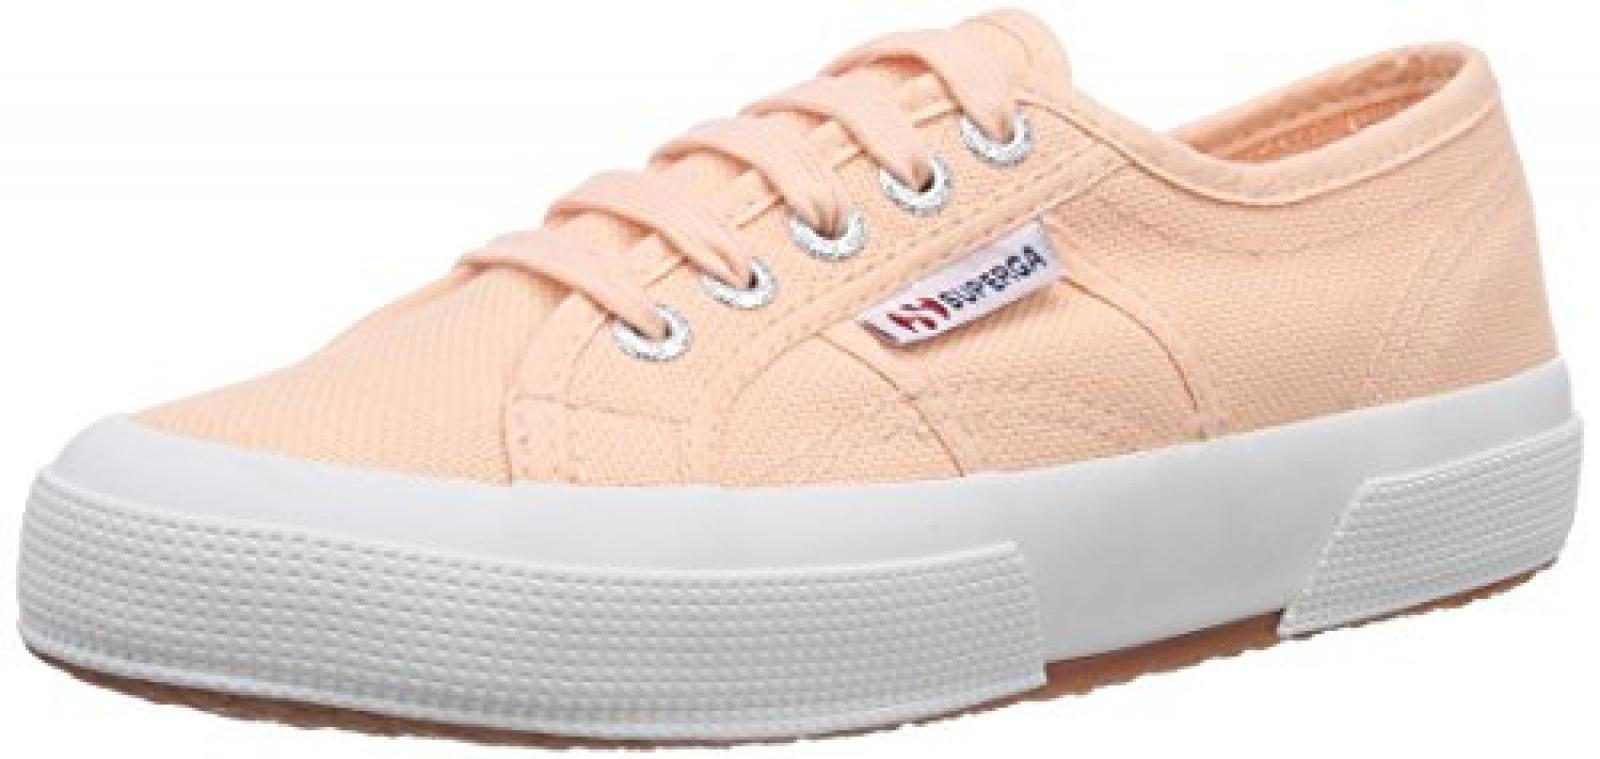 Superga 2750 Cotu Classic Unisex-Erwachsene Sneakers